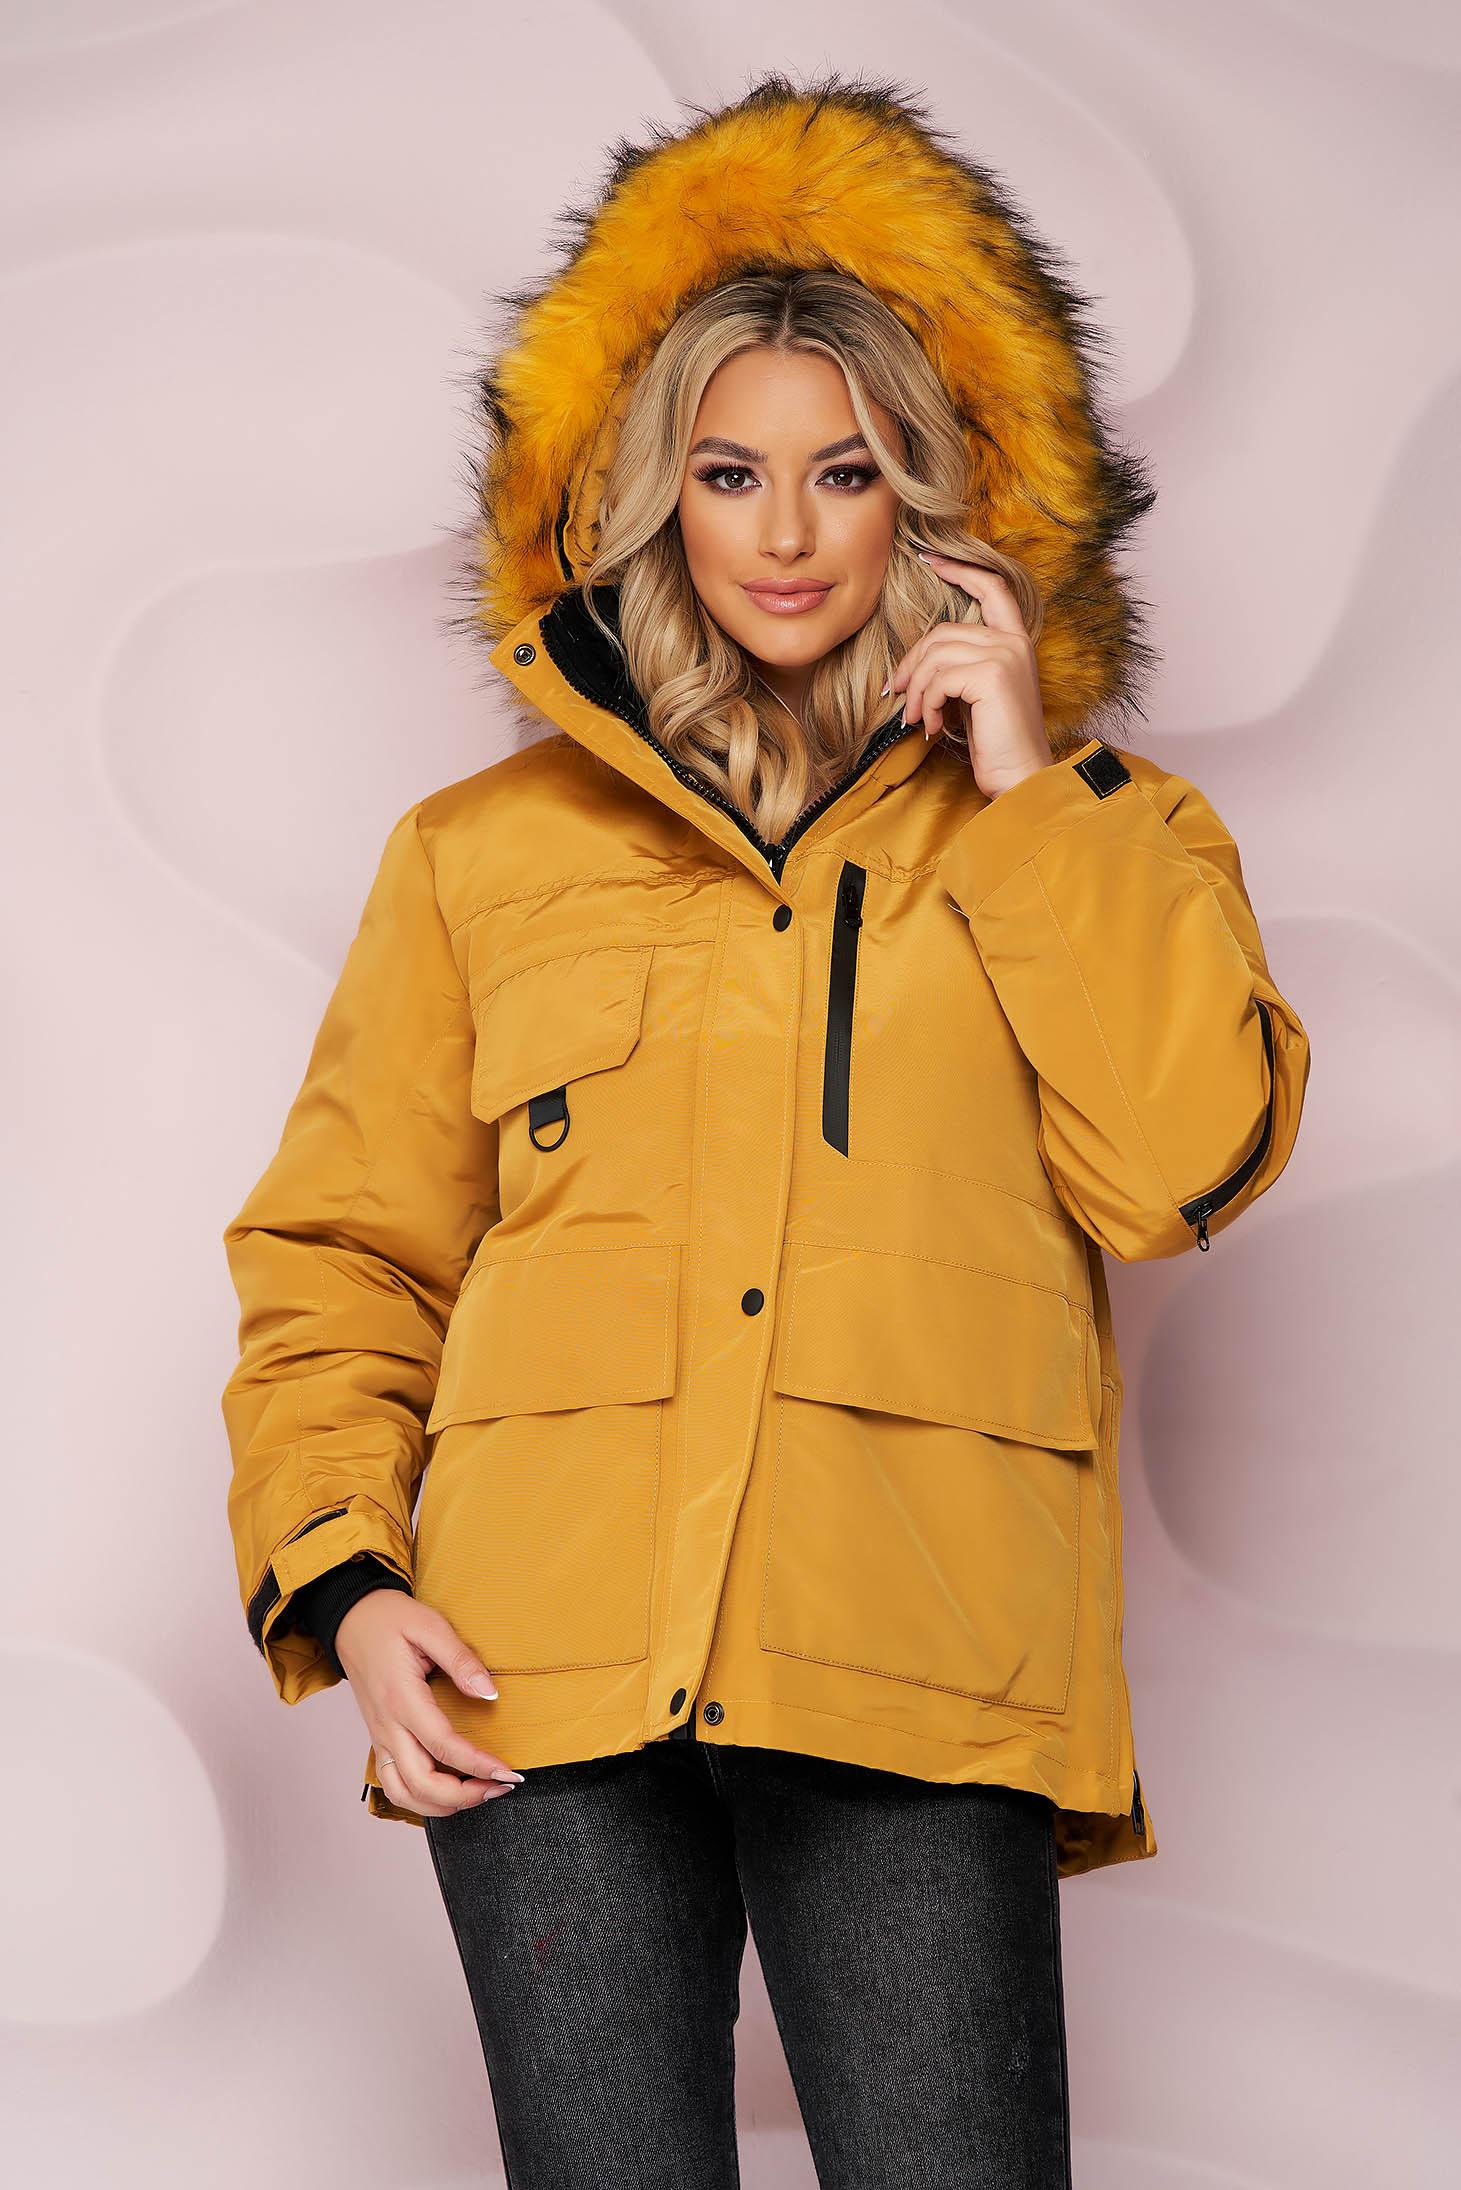 Mustársárga rövid bő szabású vízlepergető dzseki, szőrme gallérral és derékban zsinórral